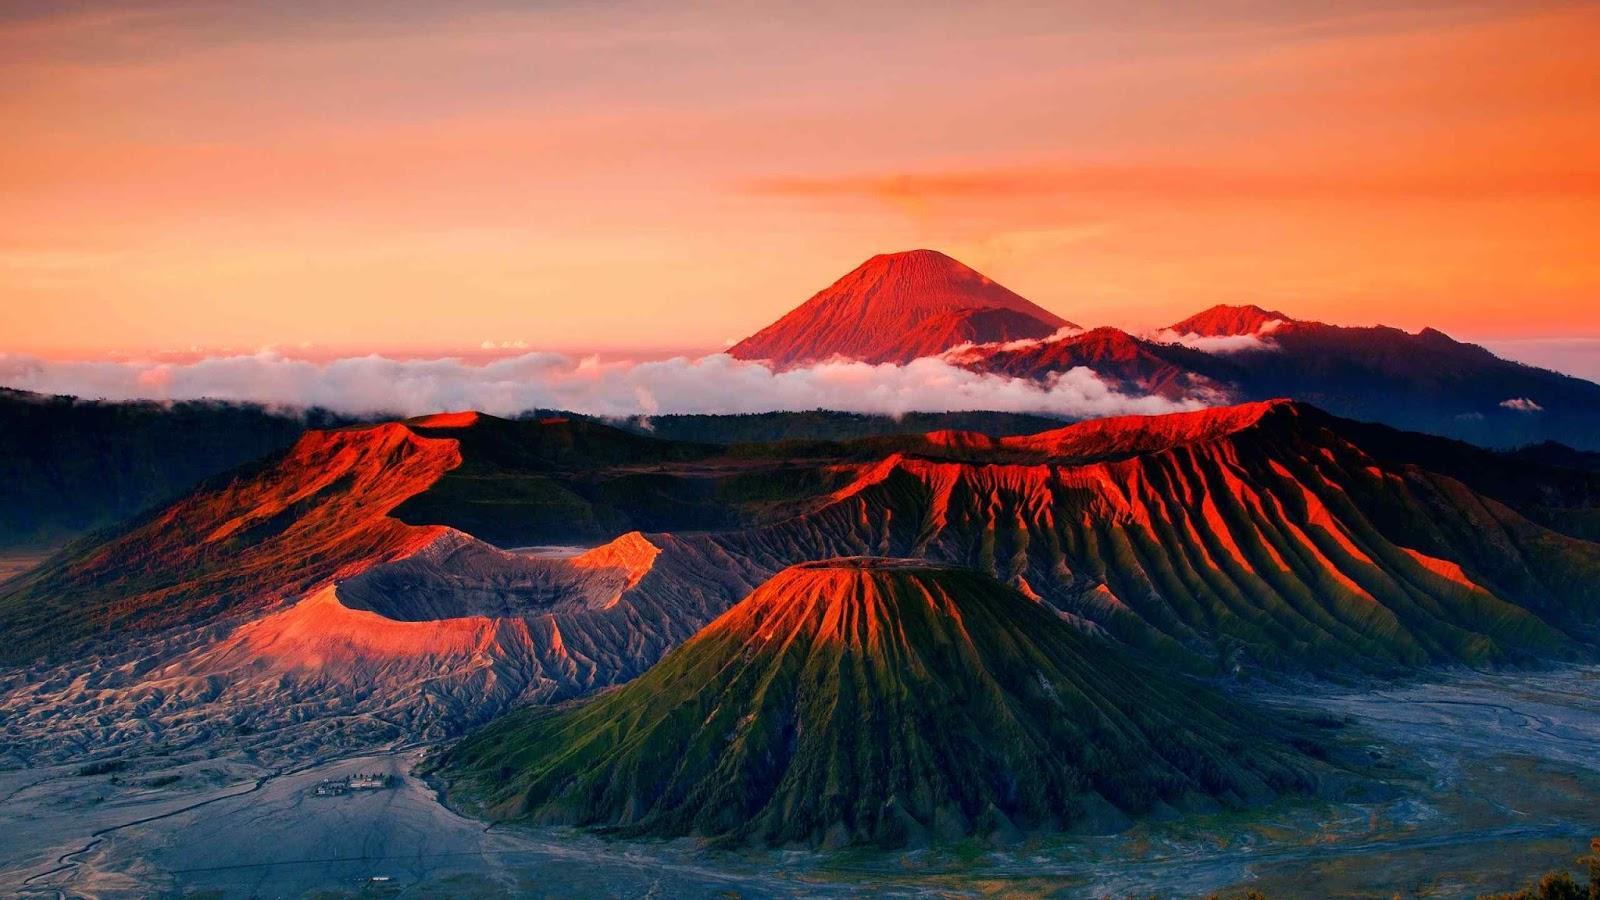 Gunung Bromo Merupakan Salah Satu Keindahan yang Dimiliki Pulau Jawa (Sumber: Sportourism)